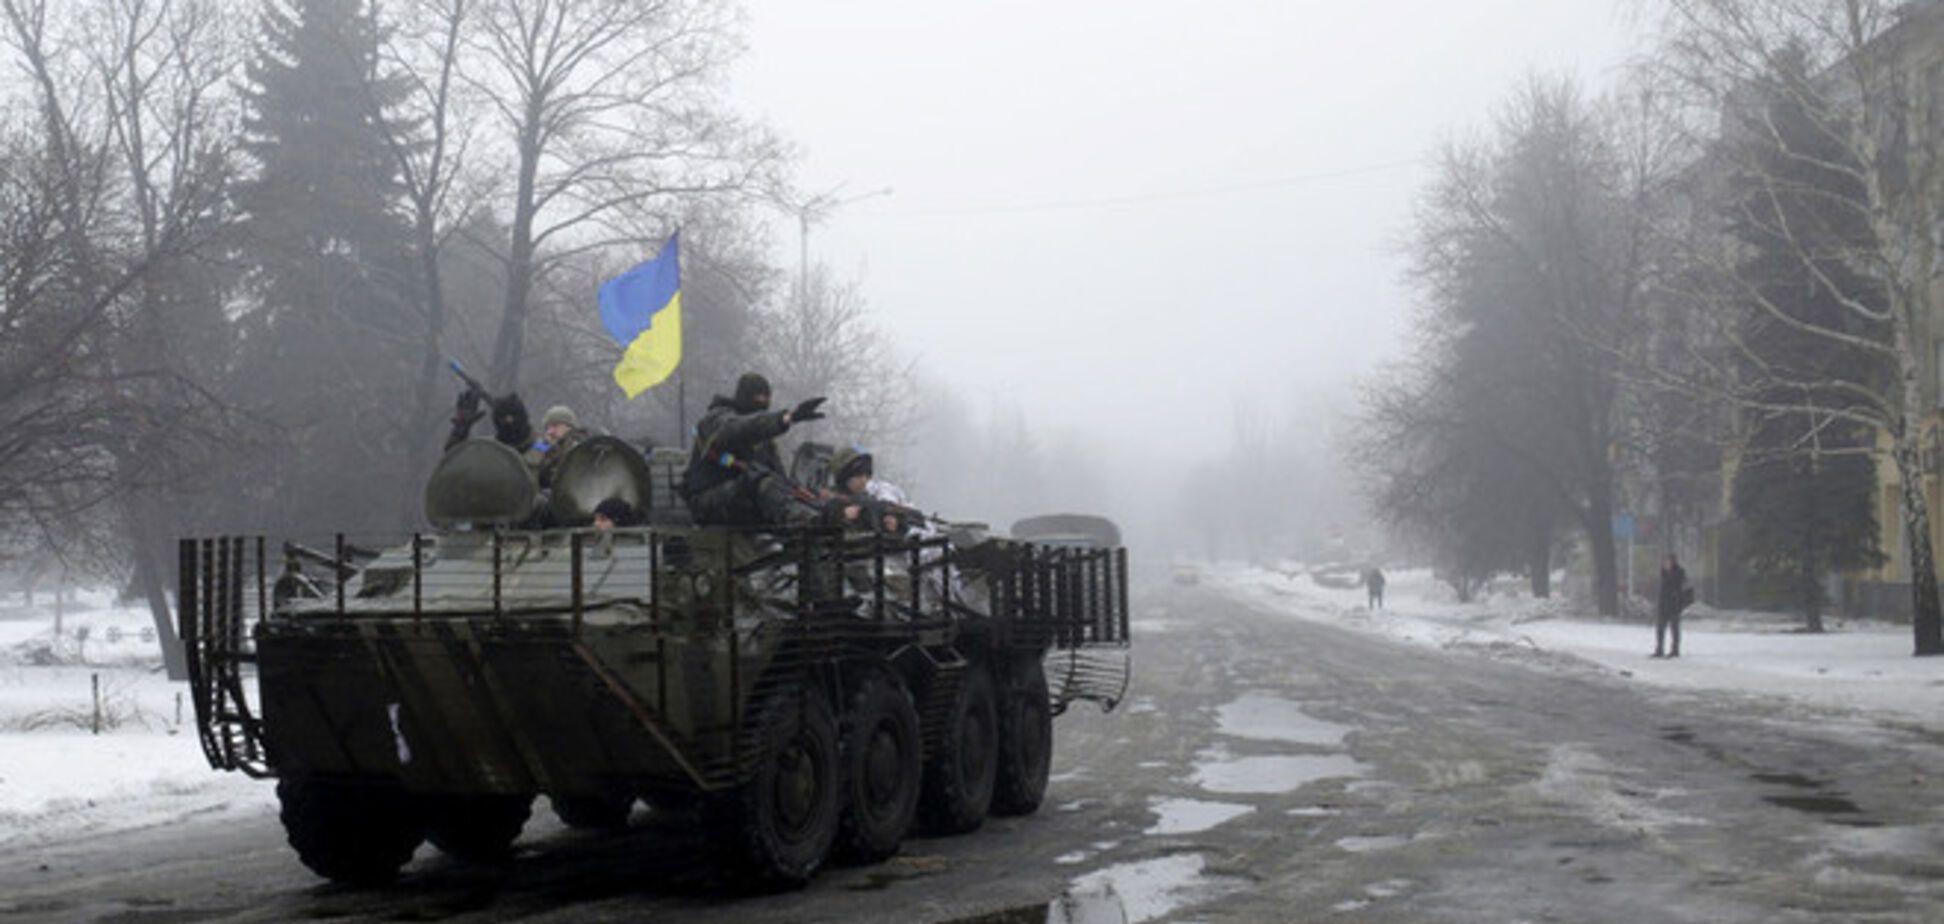 Силам АТО все-таки пришлось покинуть 31-й блокпост на Луганщине: есть погибшие